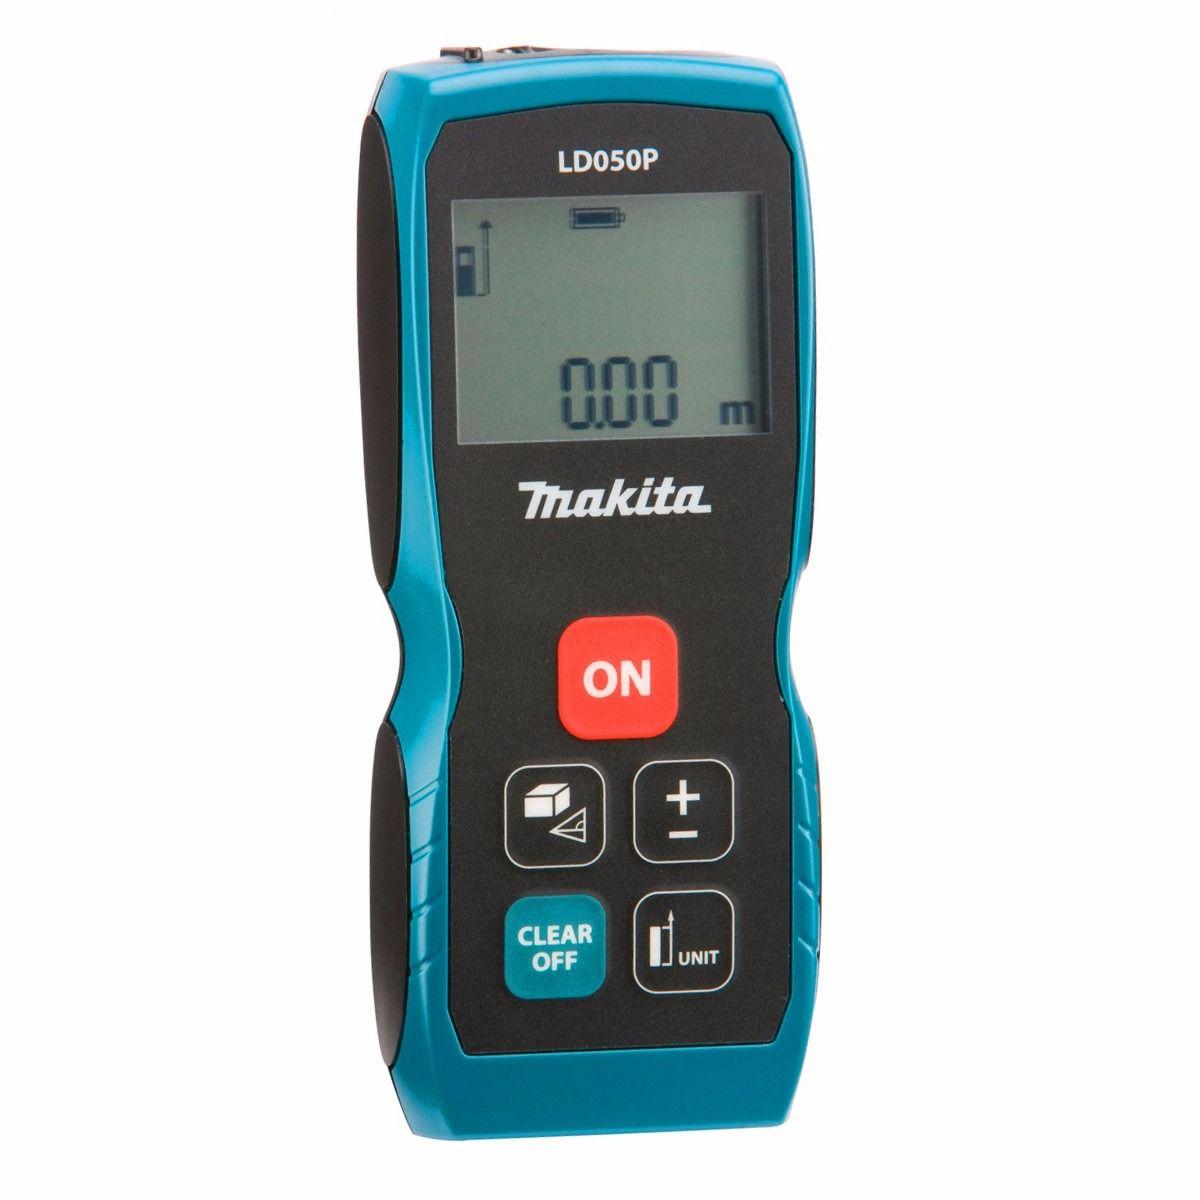 Medidor de Distância Trena à Laser com Leitura até 50 metros - LD050P - Makita